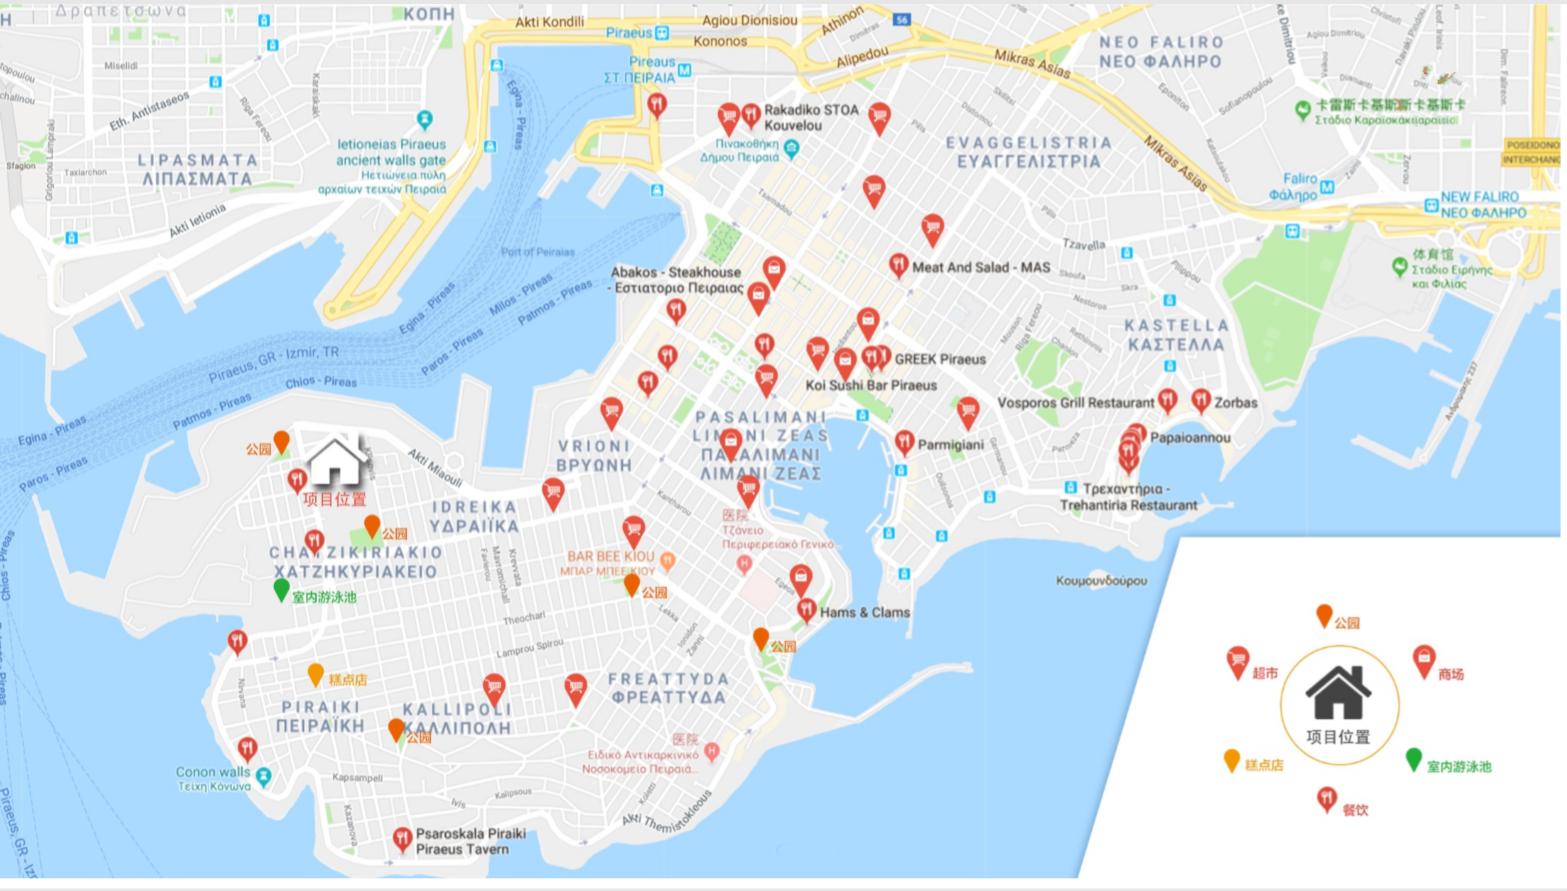 海悦地图.png